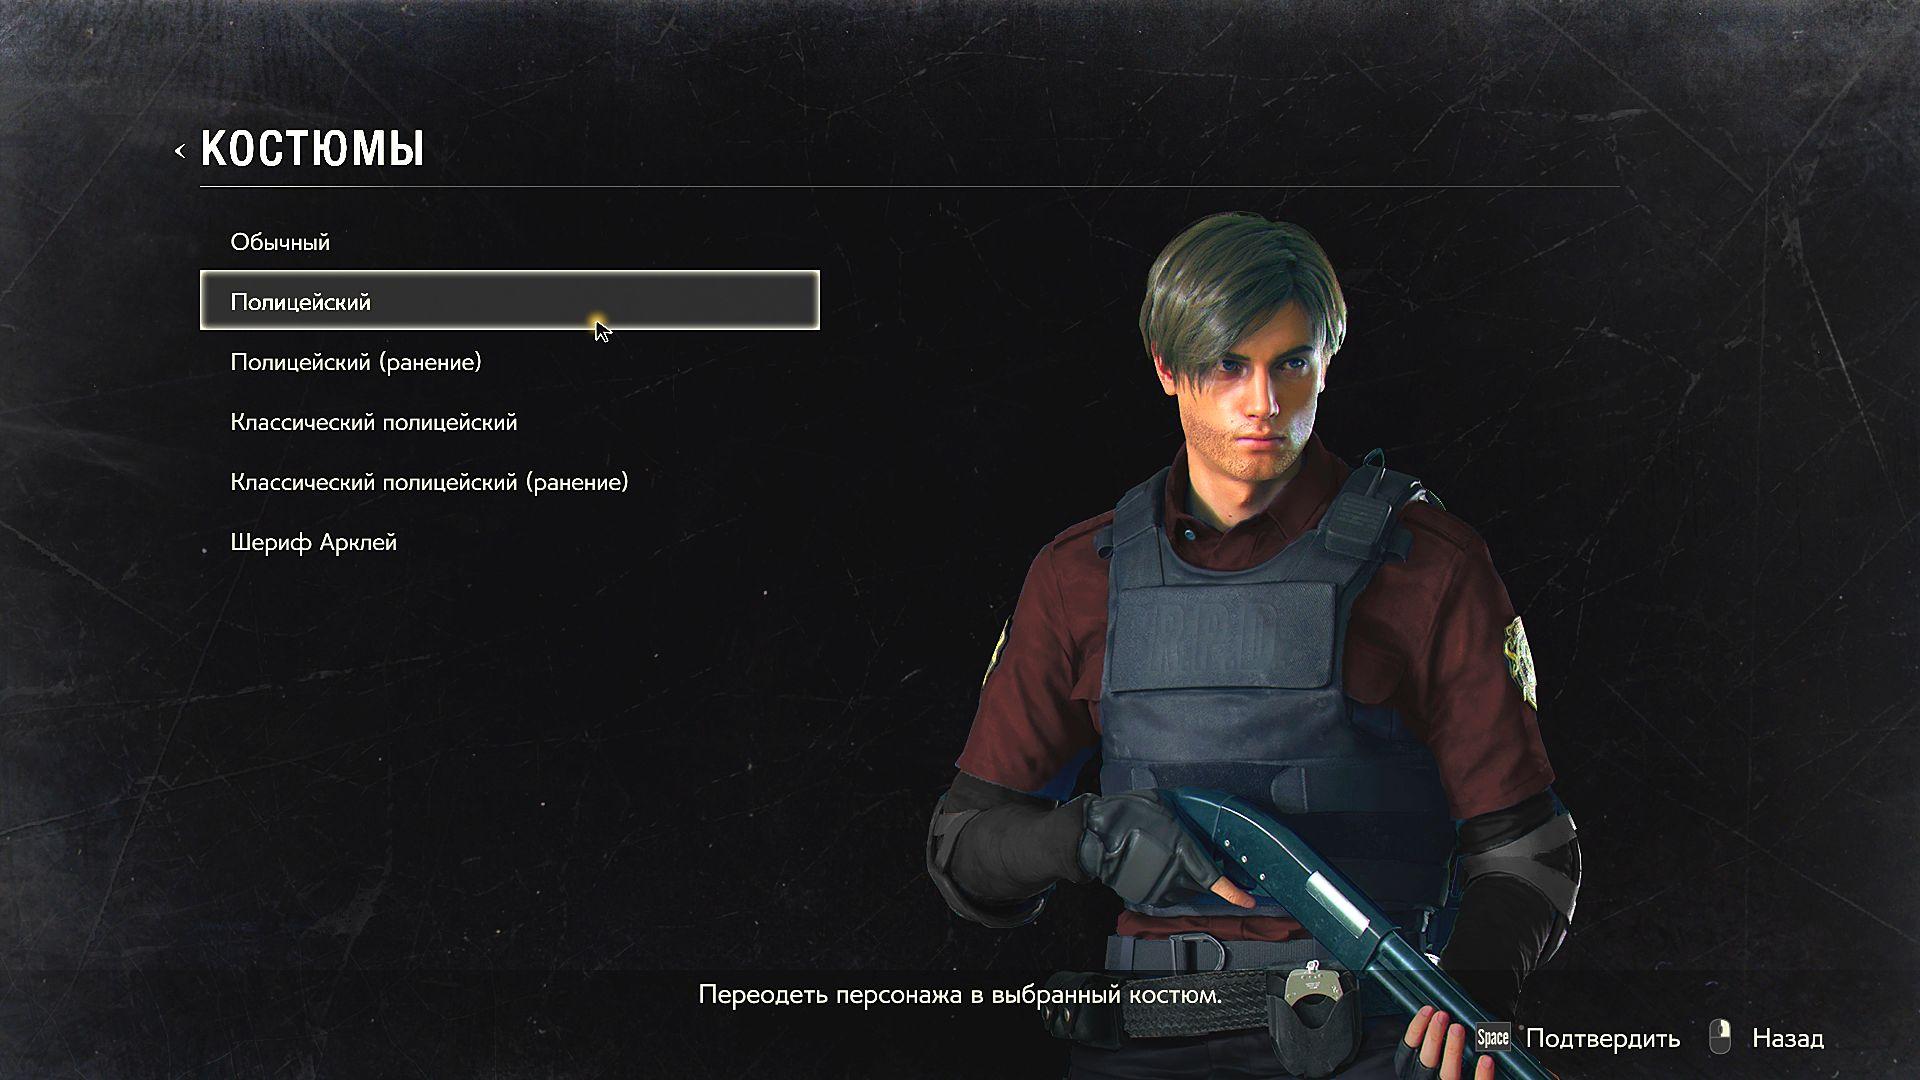 000712.Jpg - Resident Evil 2